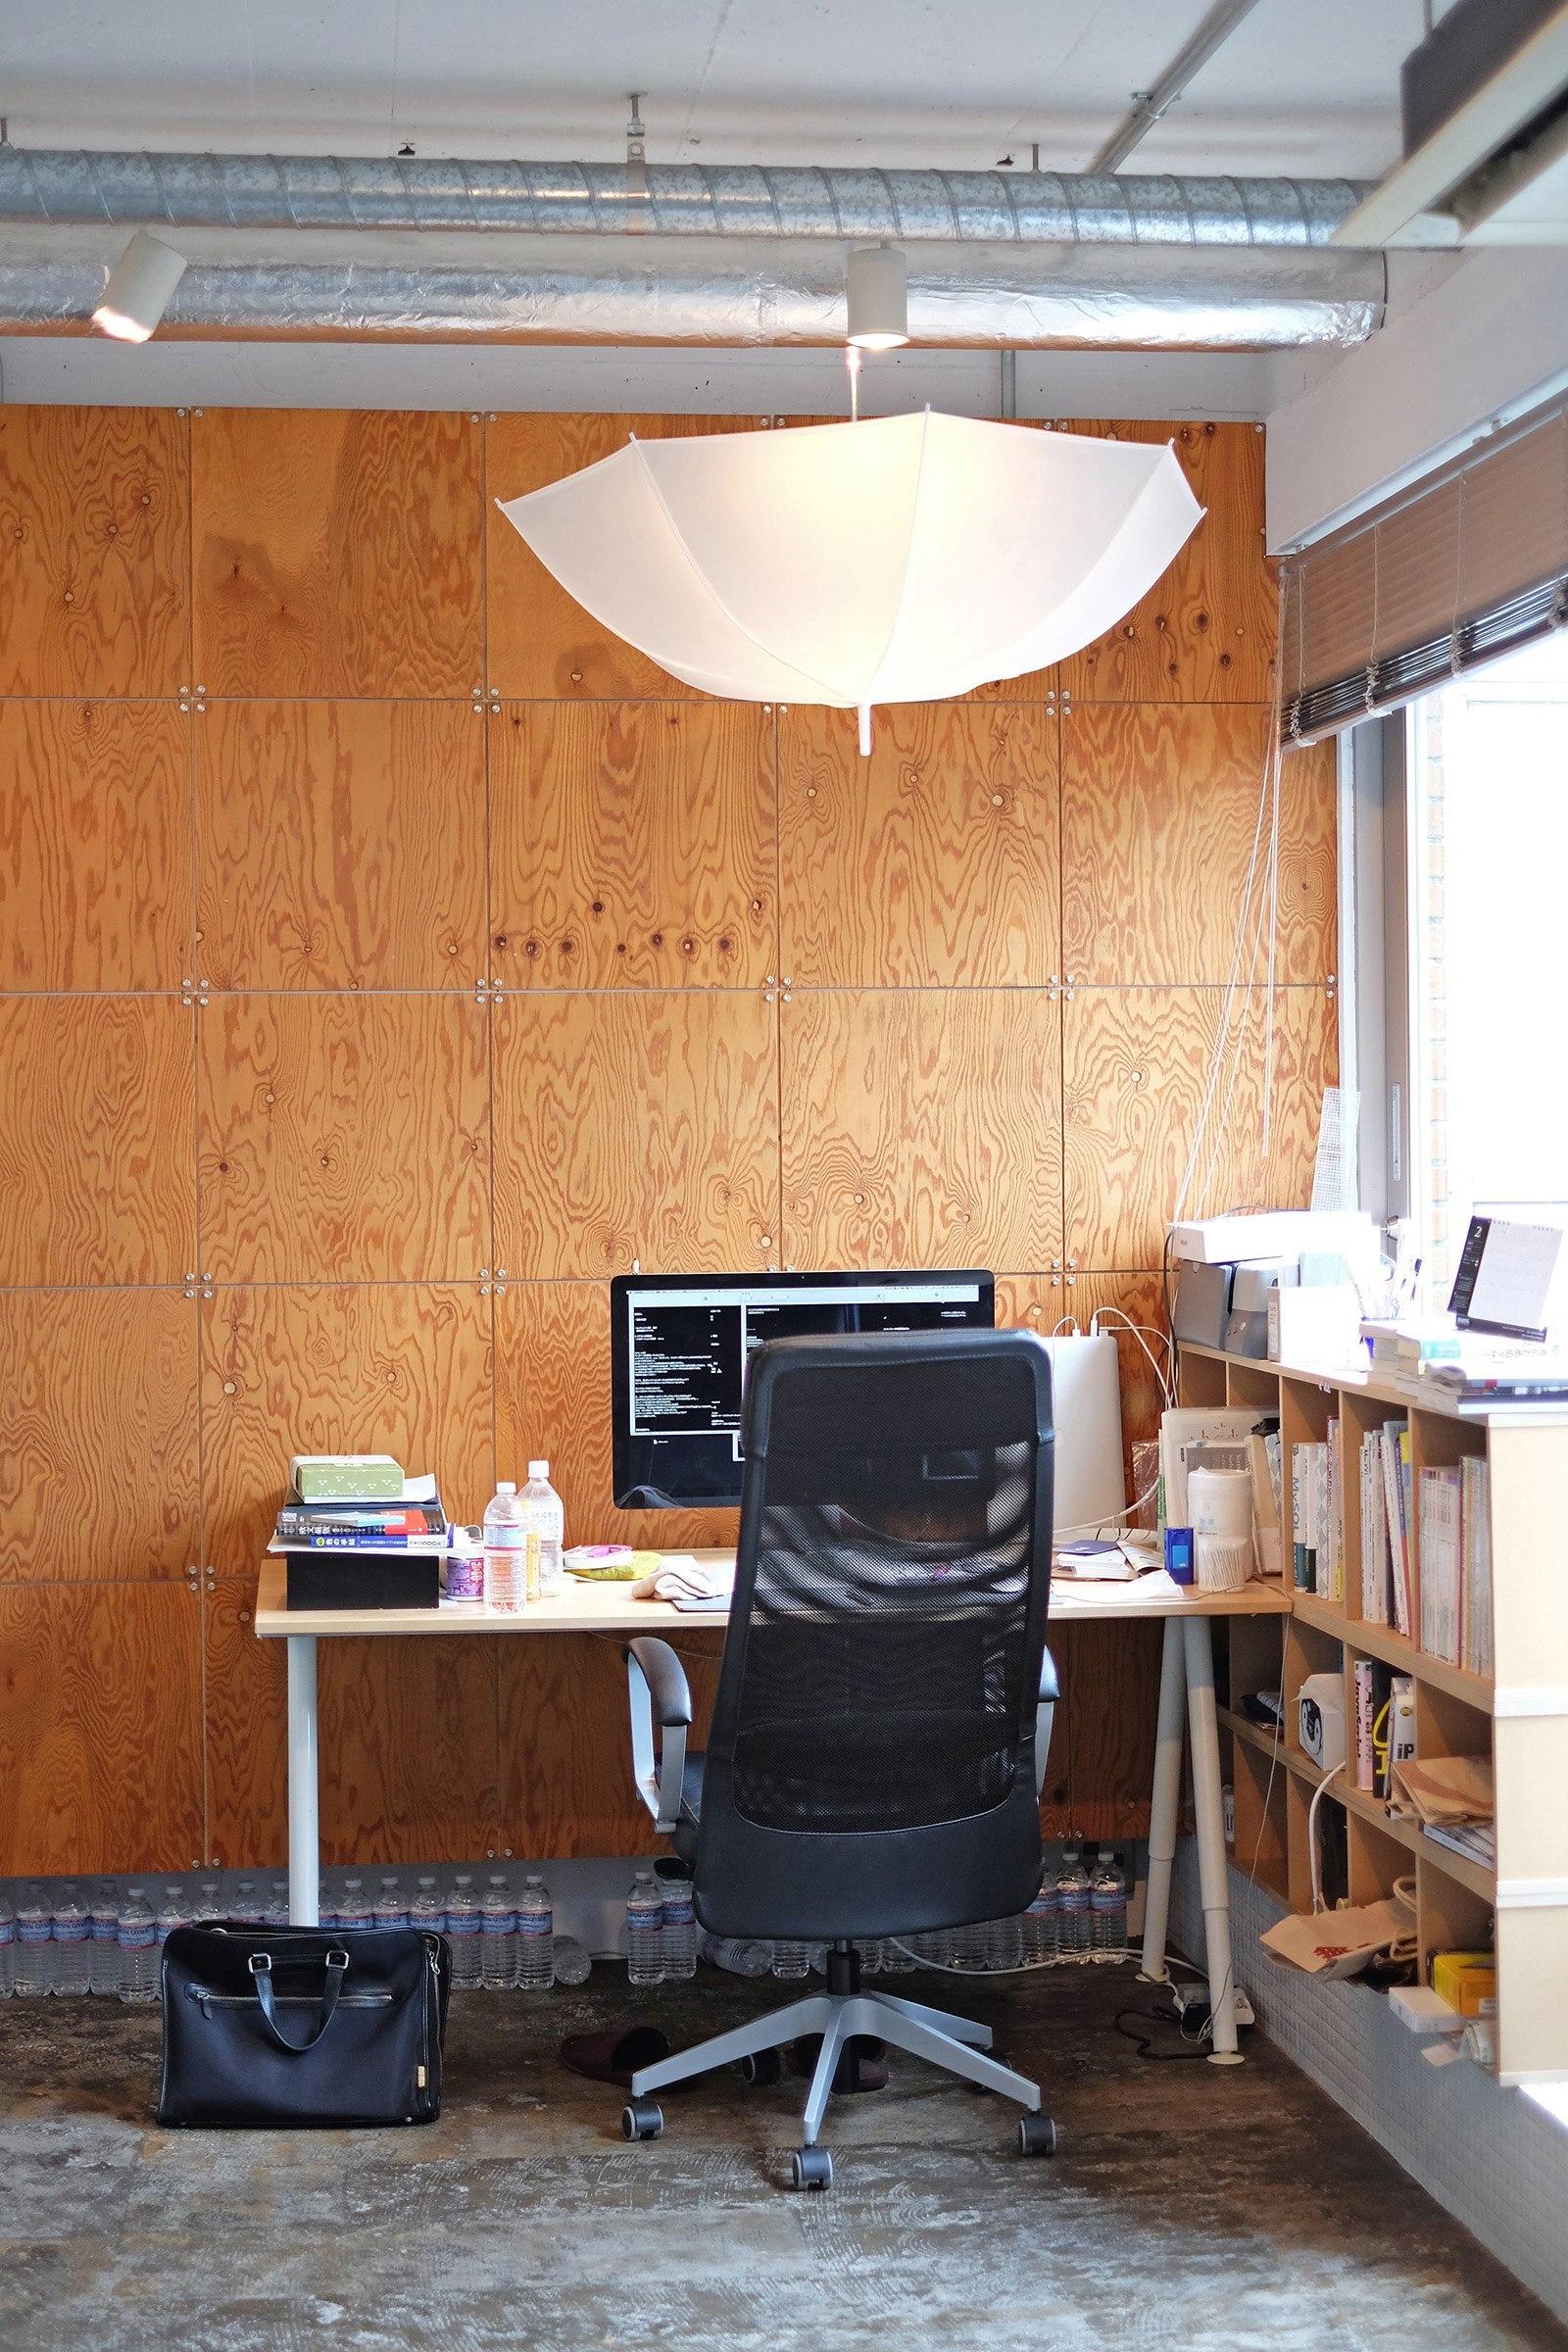 swingnow-tokyo-office-2